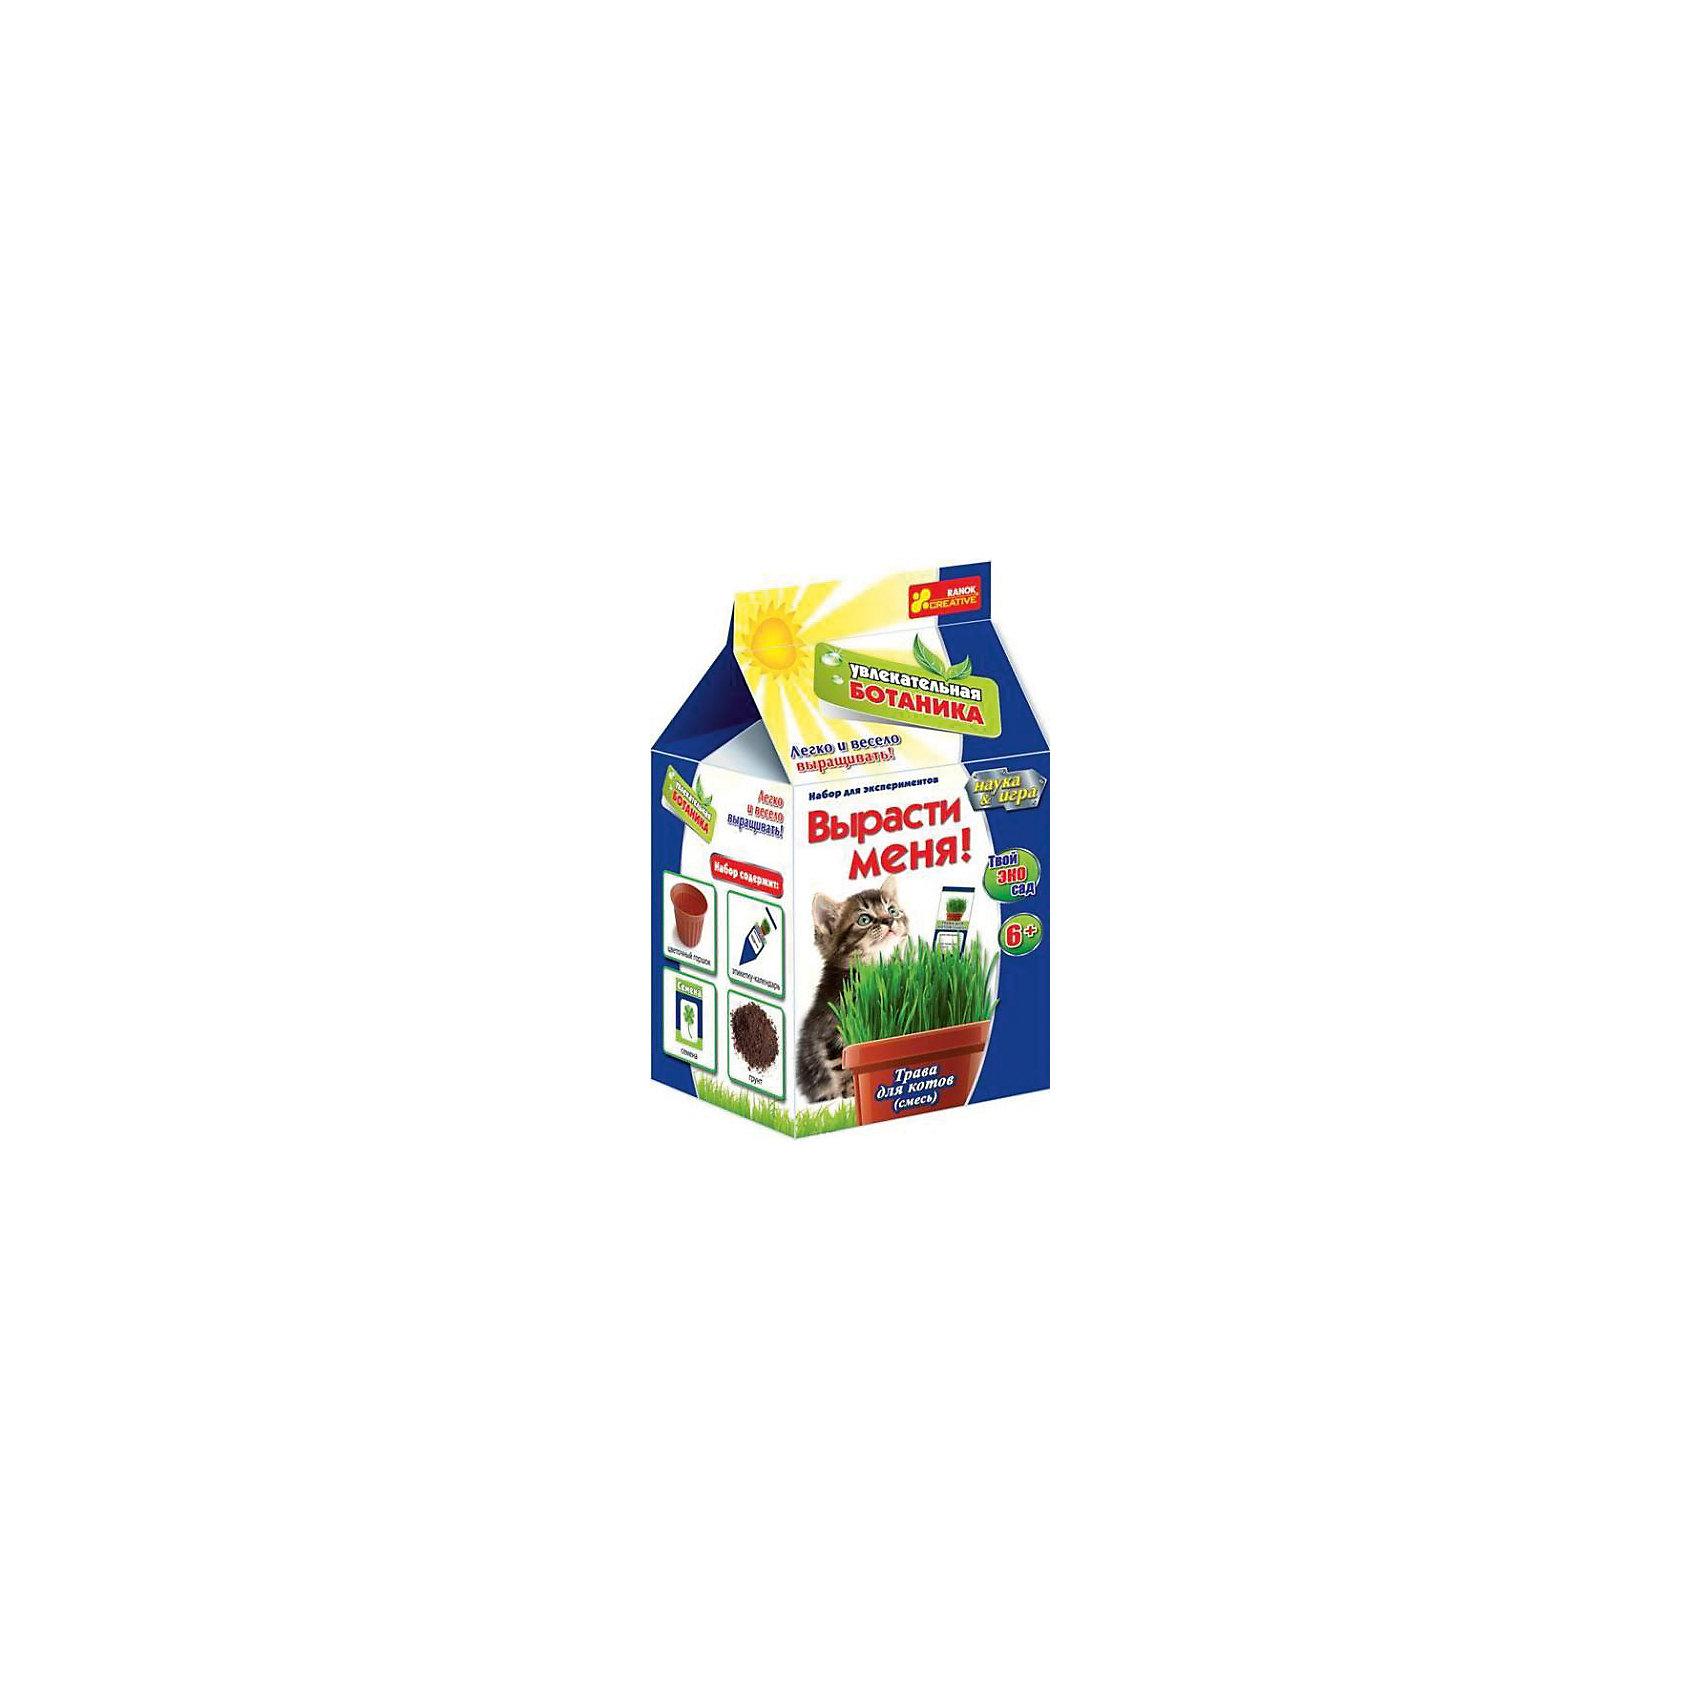 Вырасти меня Трава для котовВырасти дома специальную траву для своего любимца! Зеленая лужайка из смеси трав не только украсит комнату, но будет полезна для твоей кошечки. <br>Возраст ребенка: 6-13<br>Размер упаковки: 11,5х11,5х20 см<br>В комплекте: - цветочный горшок - этикетка-календарь - семена - грунт - инструкция и краткие сведения на коробке<br><br>Ширина мм: 120<br>Глубина мм: 120<br>Высота мм: 210<br>Вес г: 205<br>Возраст от месяцев: 72<br>Возраст до месяцев: 192<br>Пол: Унисекс<br>Возраст: Детский<br>SKU: 5009298